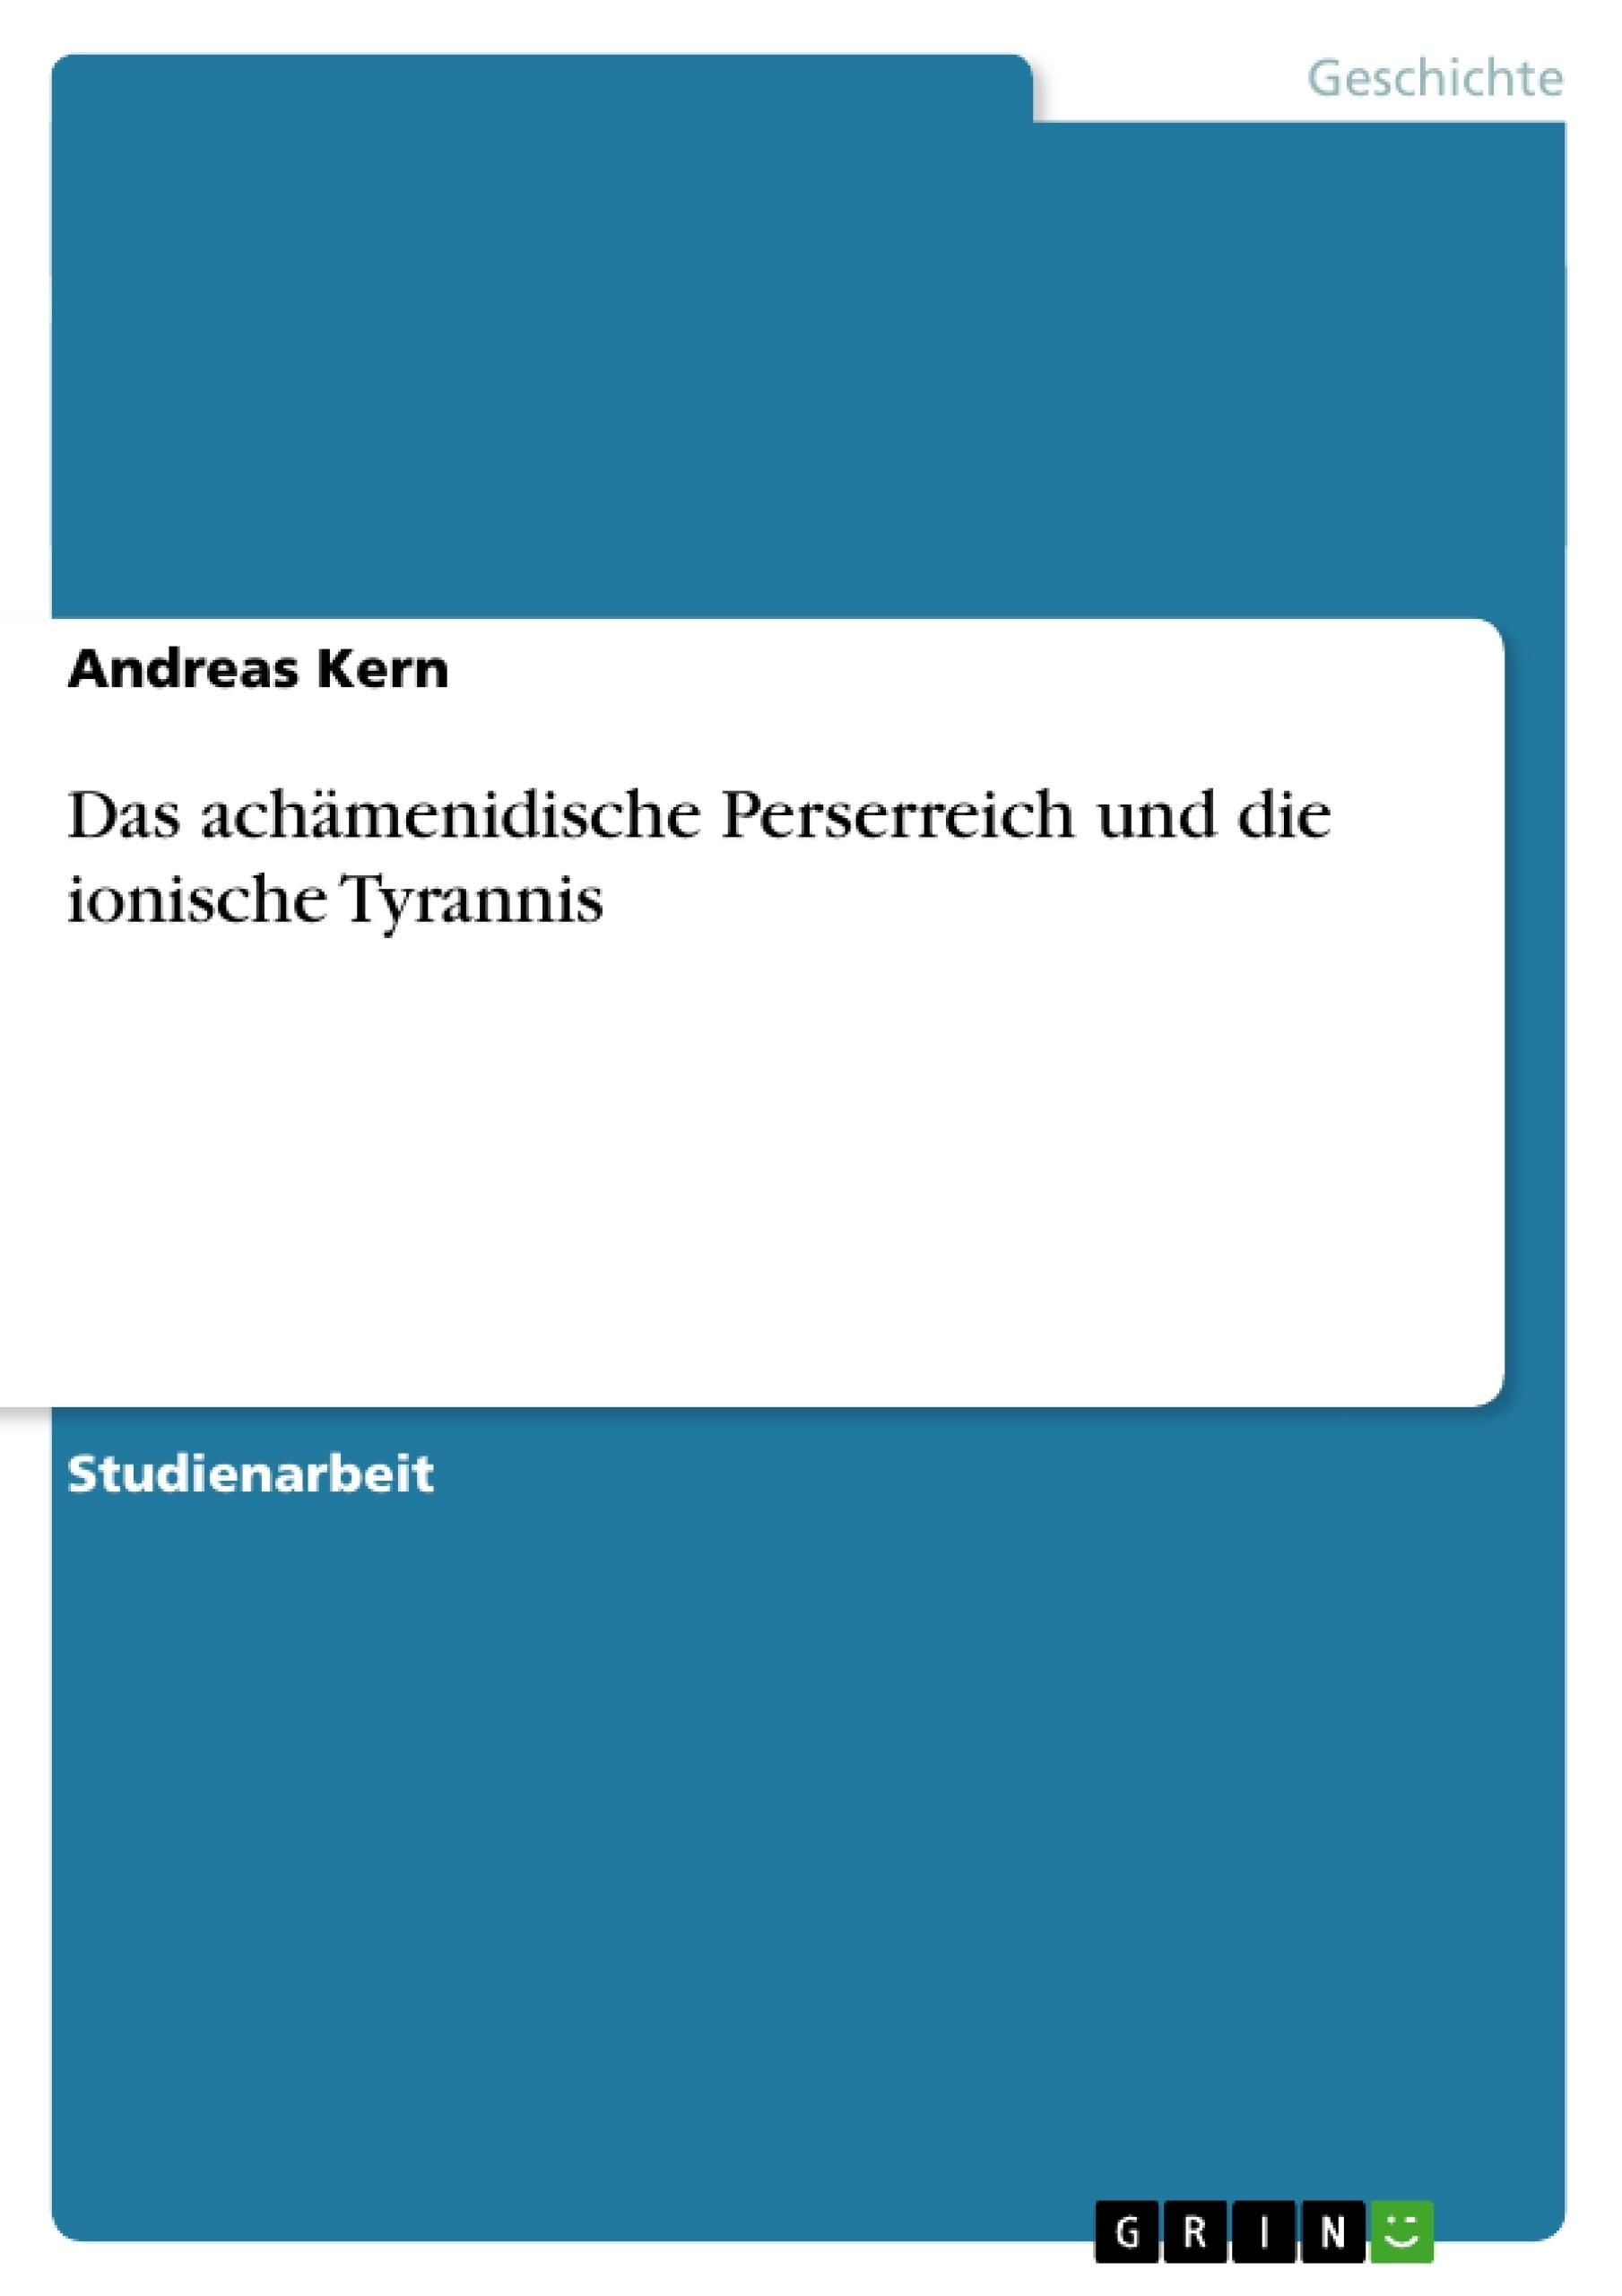 Titel: Das achämenidische Perserreich und die ionische Tyrannis